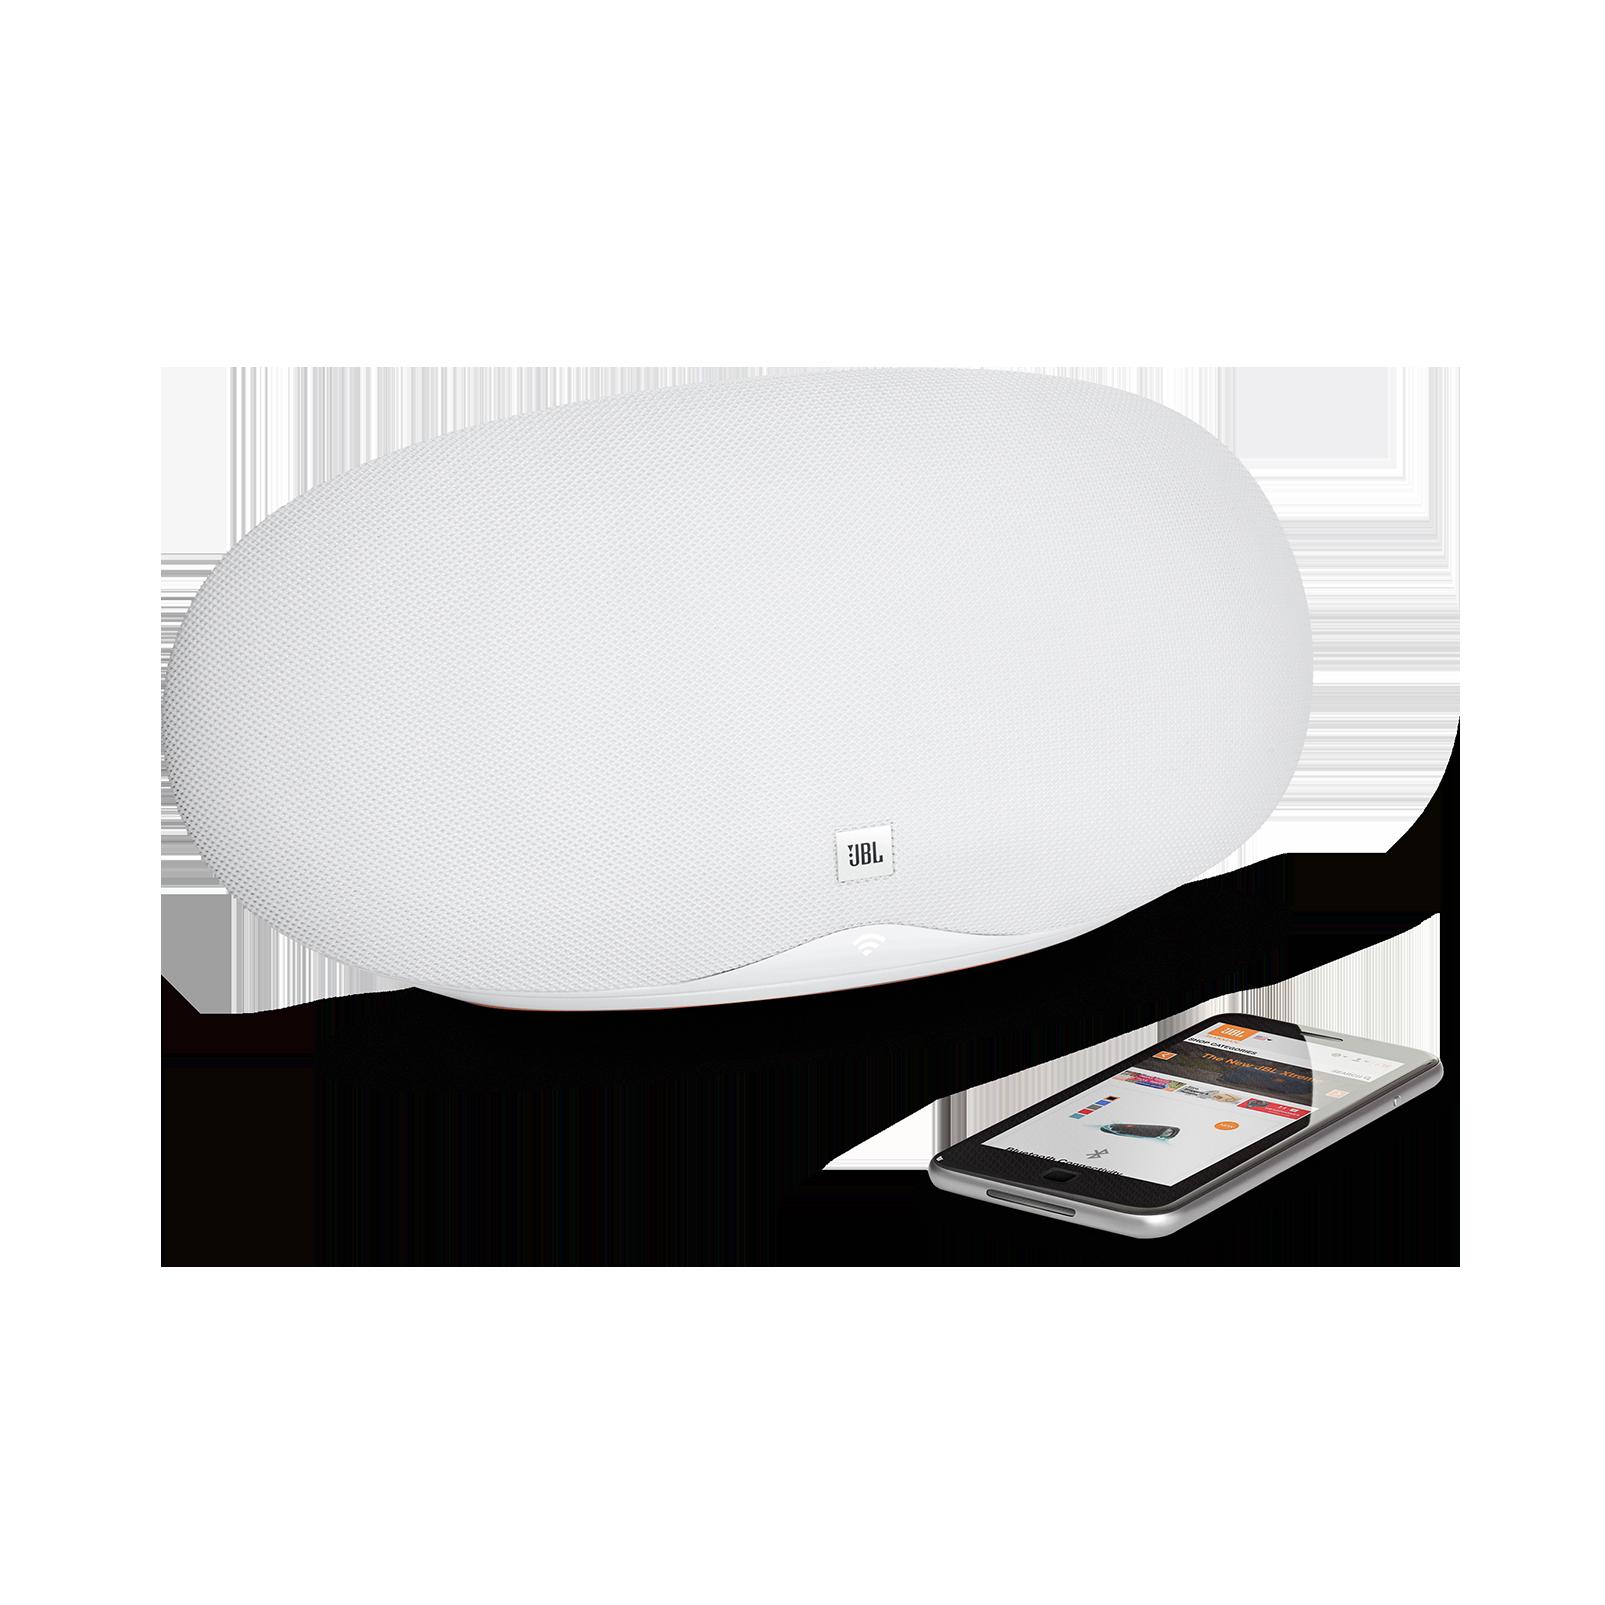 JBL Playlist - White - Wireless speaker with Chromecast built-in - Detailshot 1